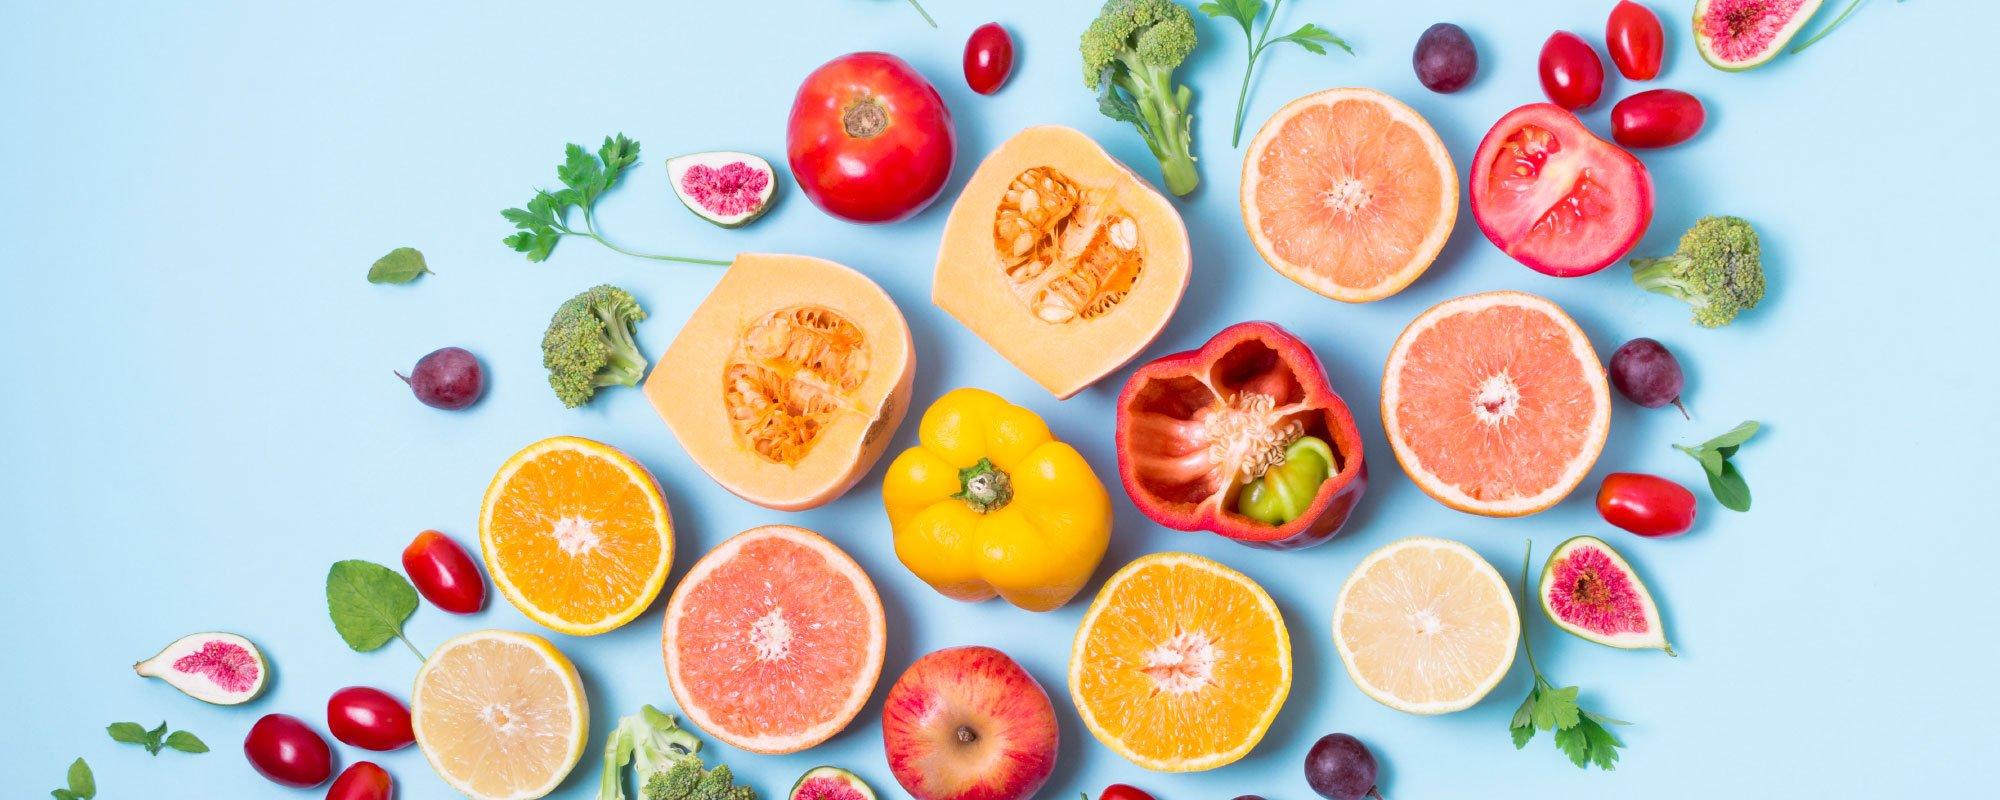 Vitaminas que ayudan a mejorar mi sistema inmune Bienestar Trebolac